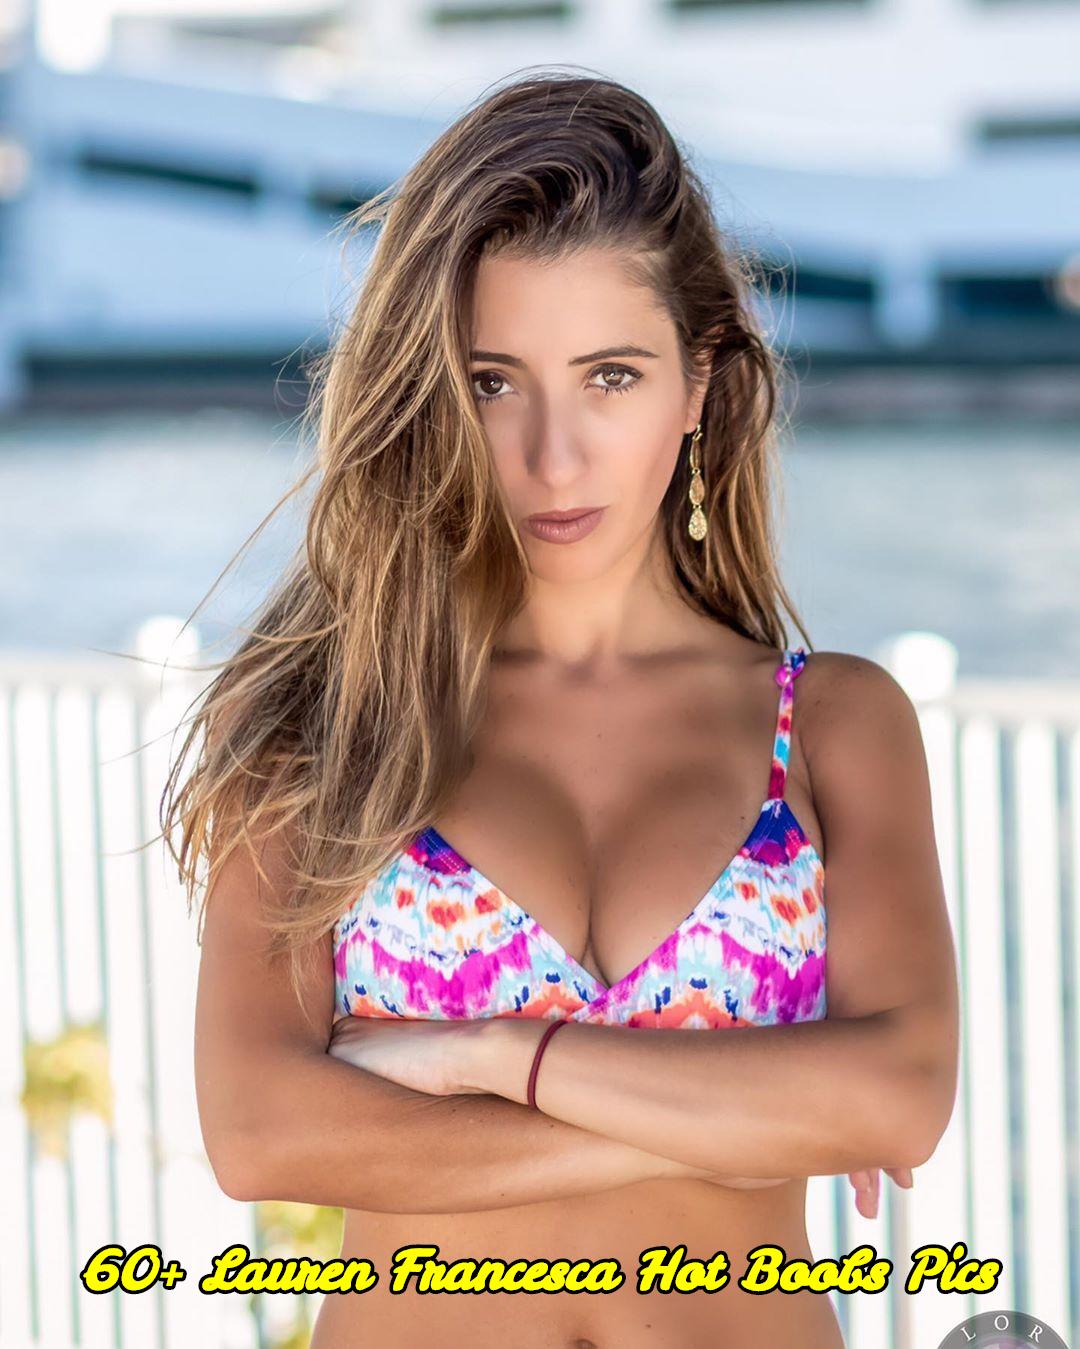 Lauren Francesca hot boobs pics